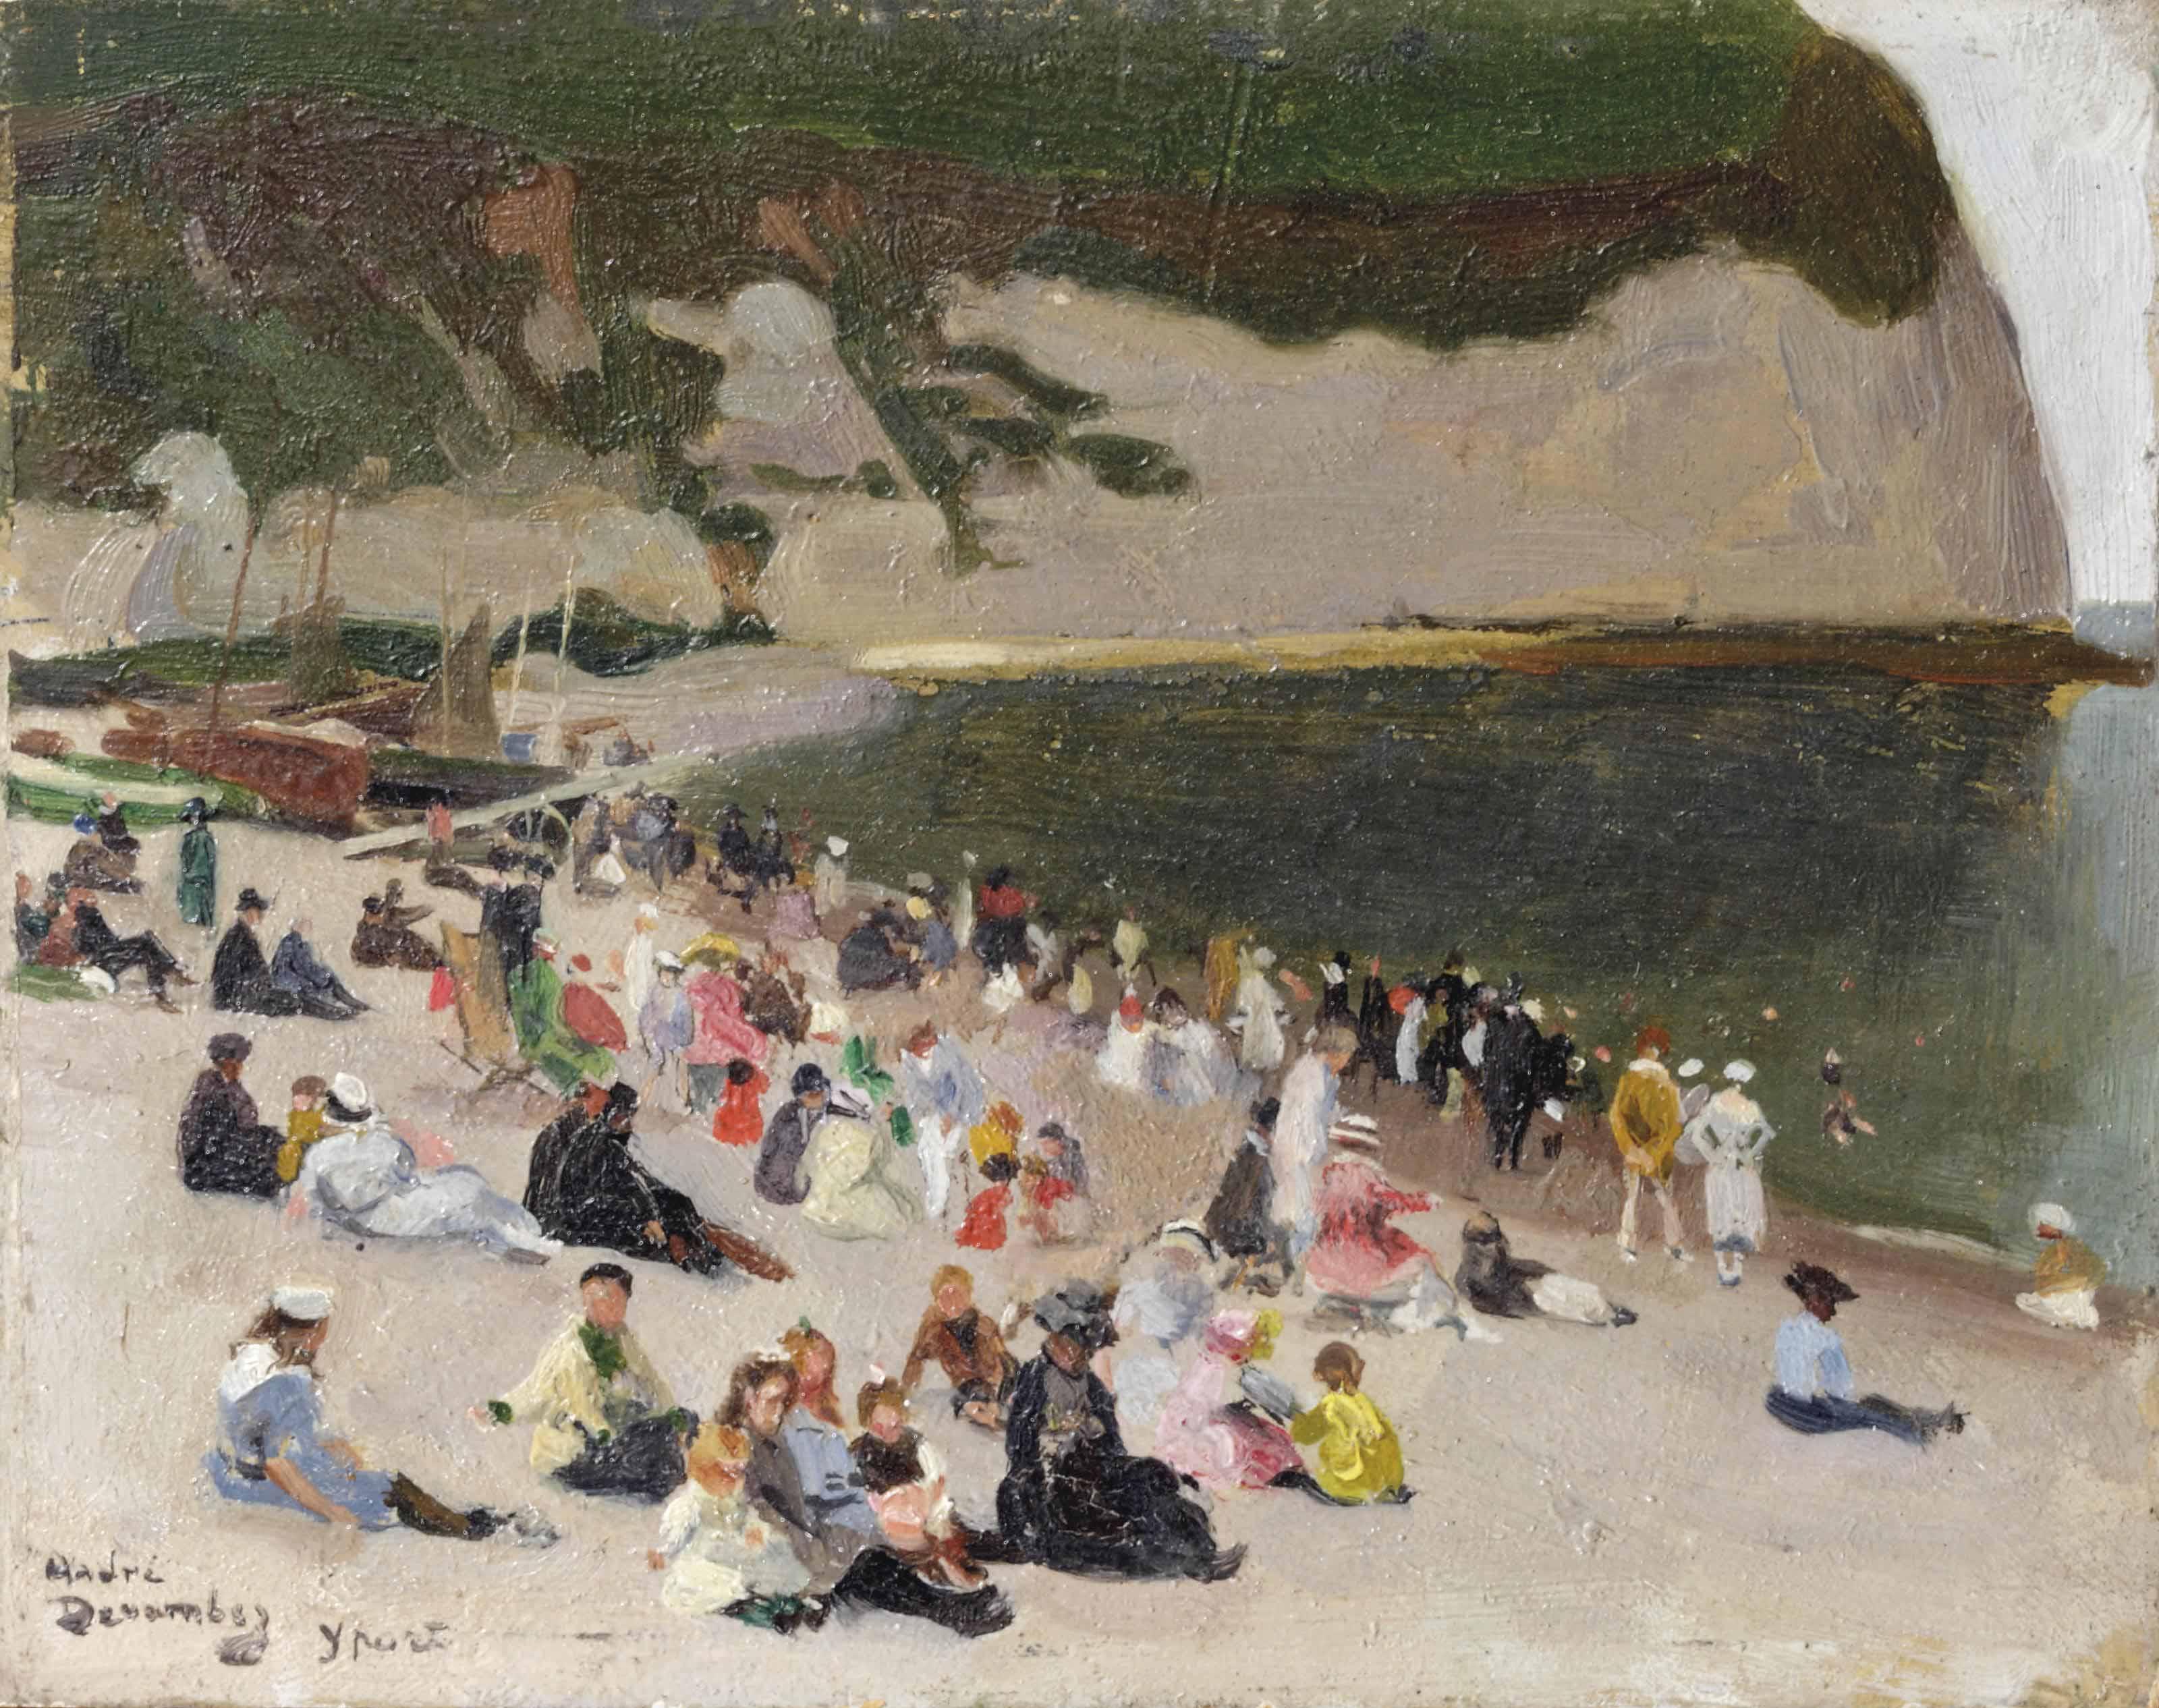 La plage d'Yport